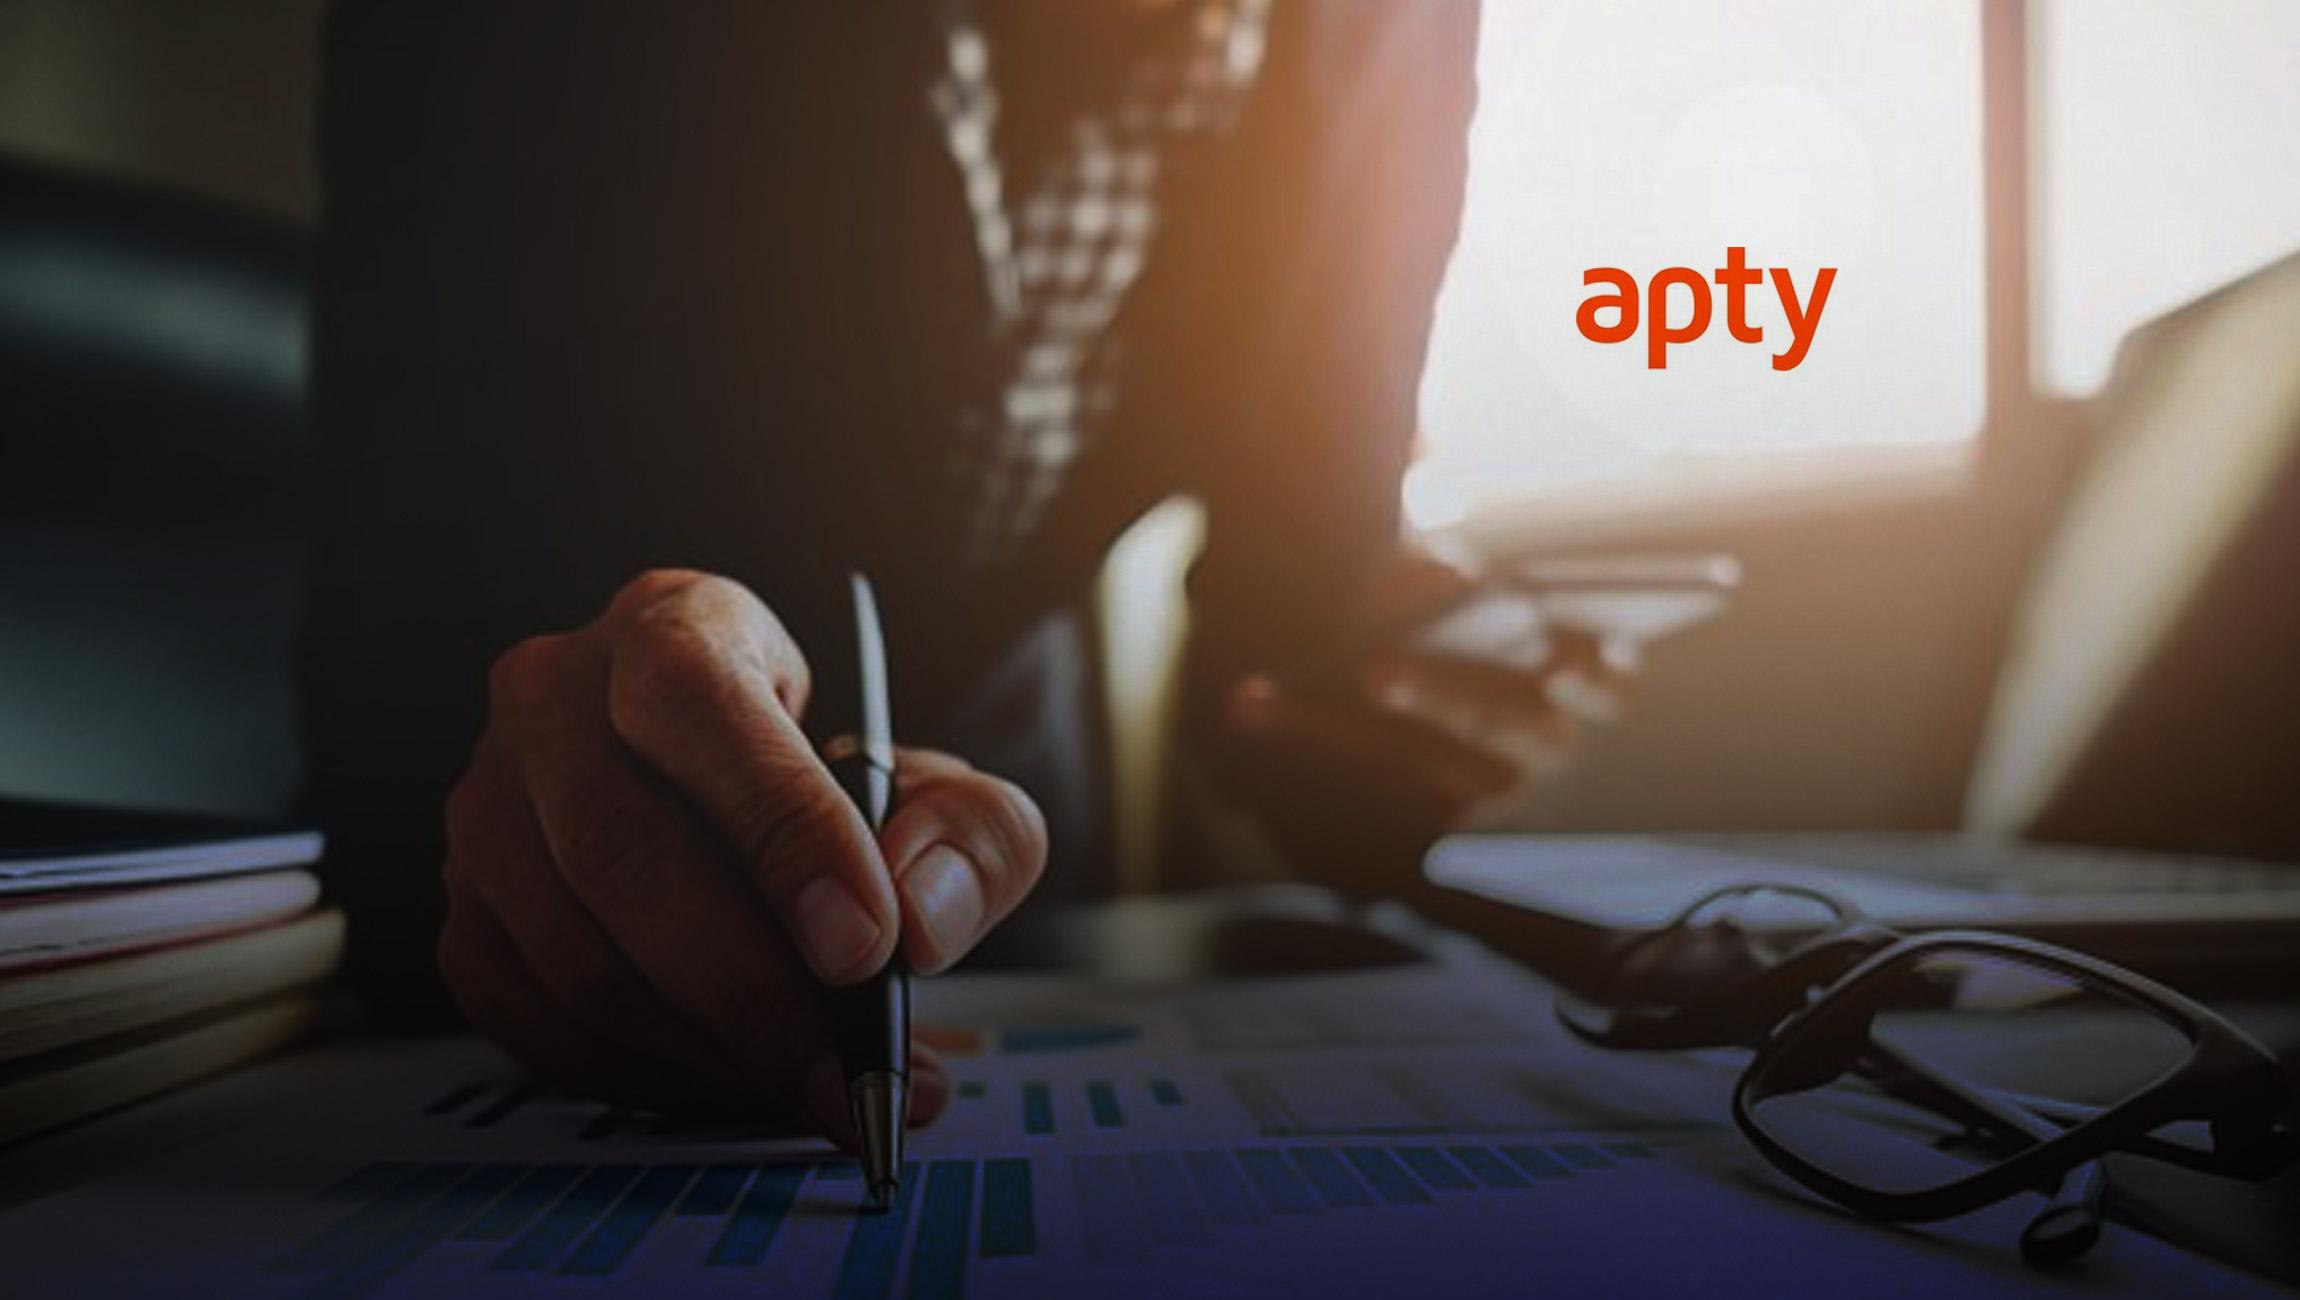 Apty Raises $5.4 Million in Post-Seed Funding